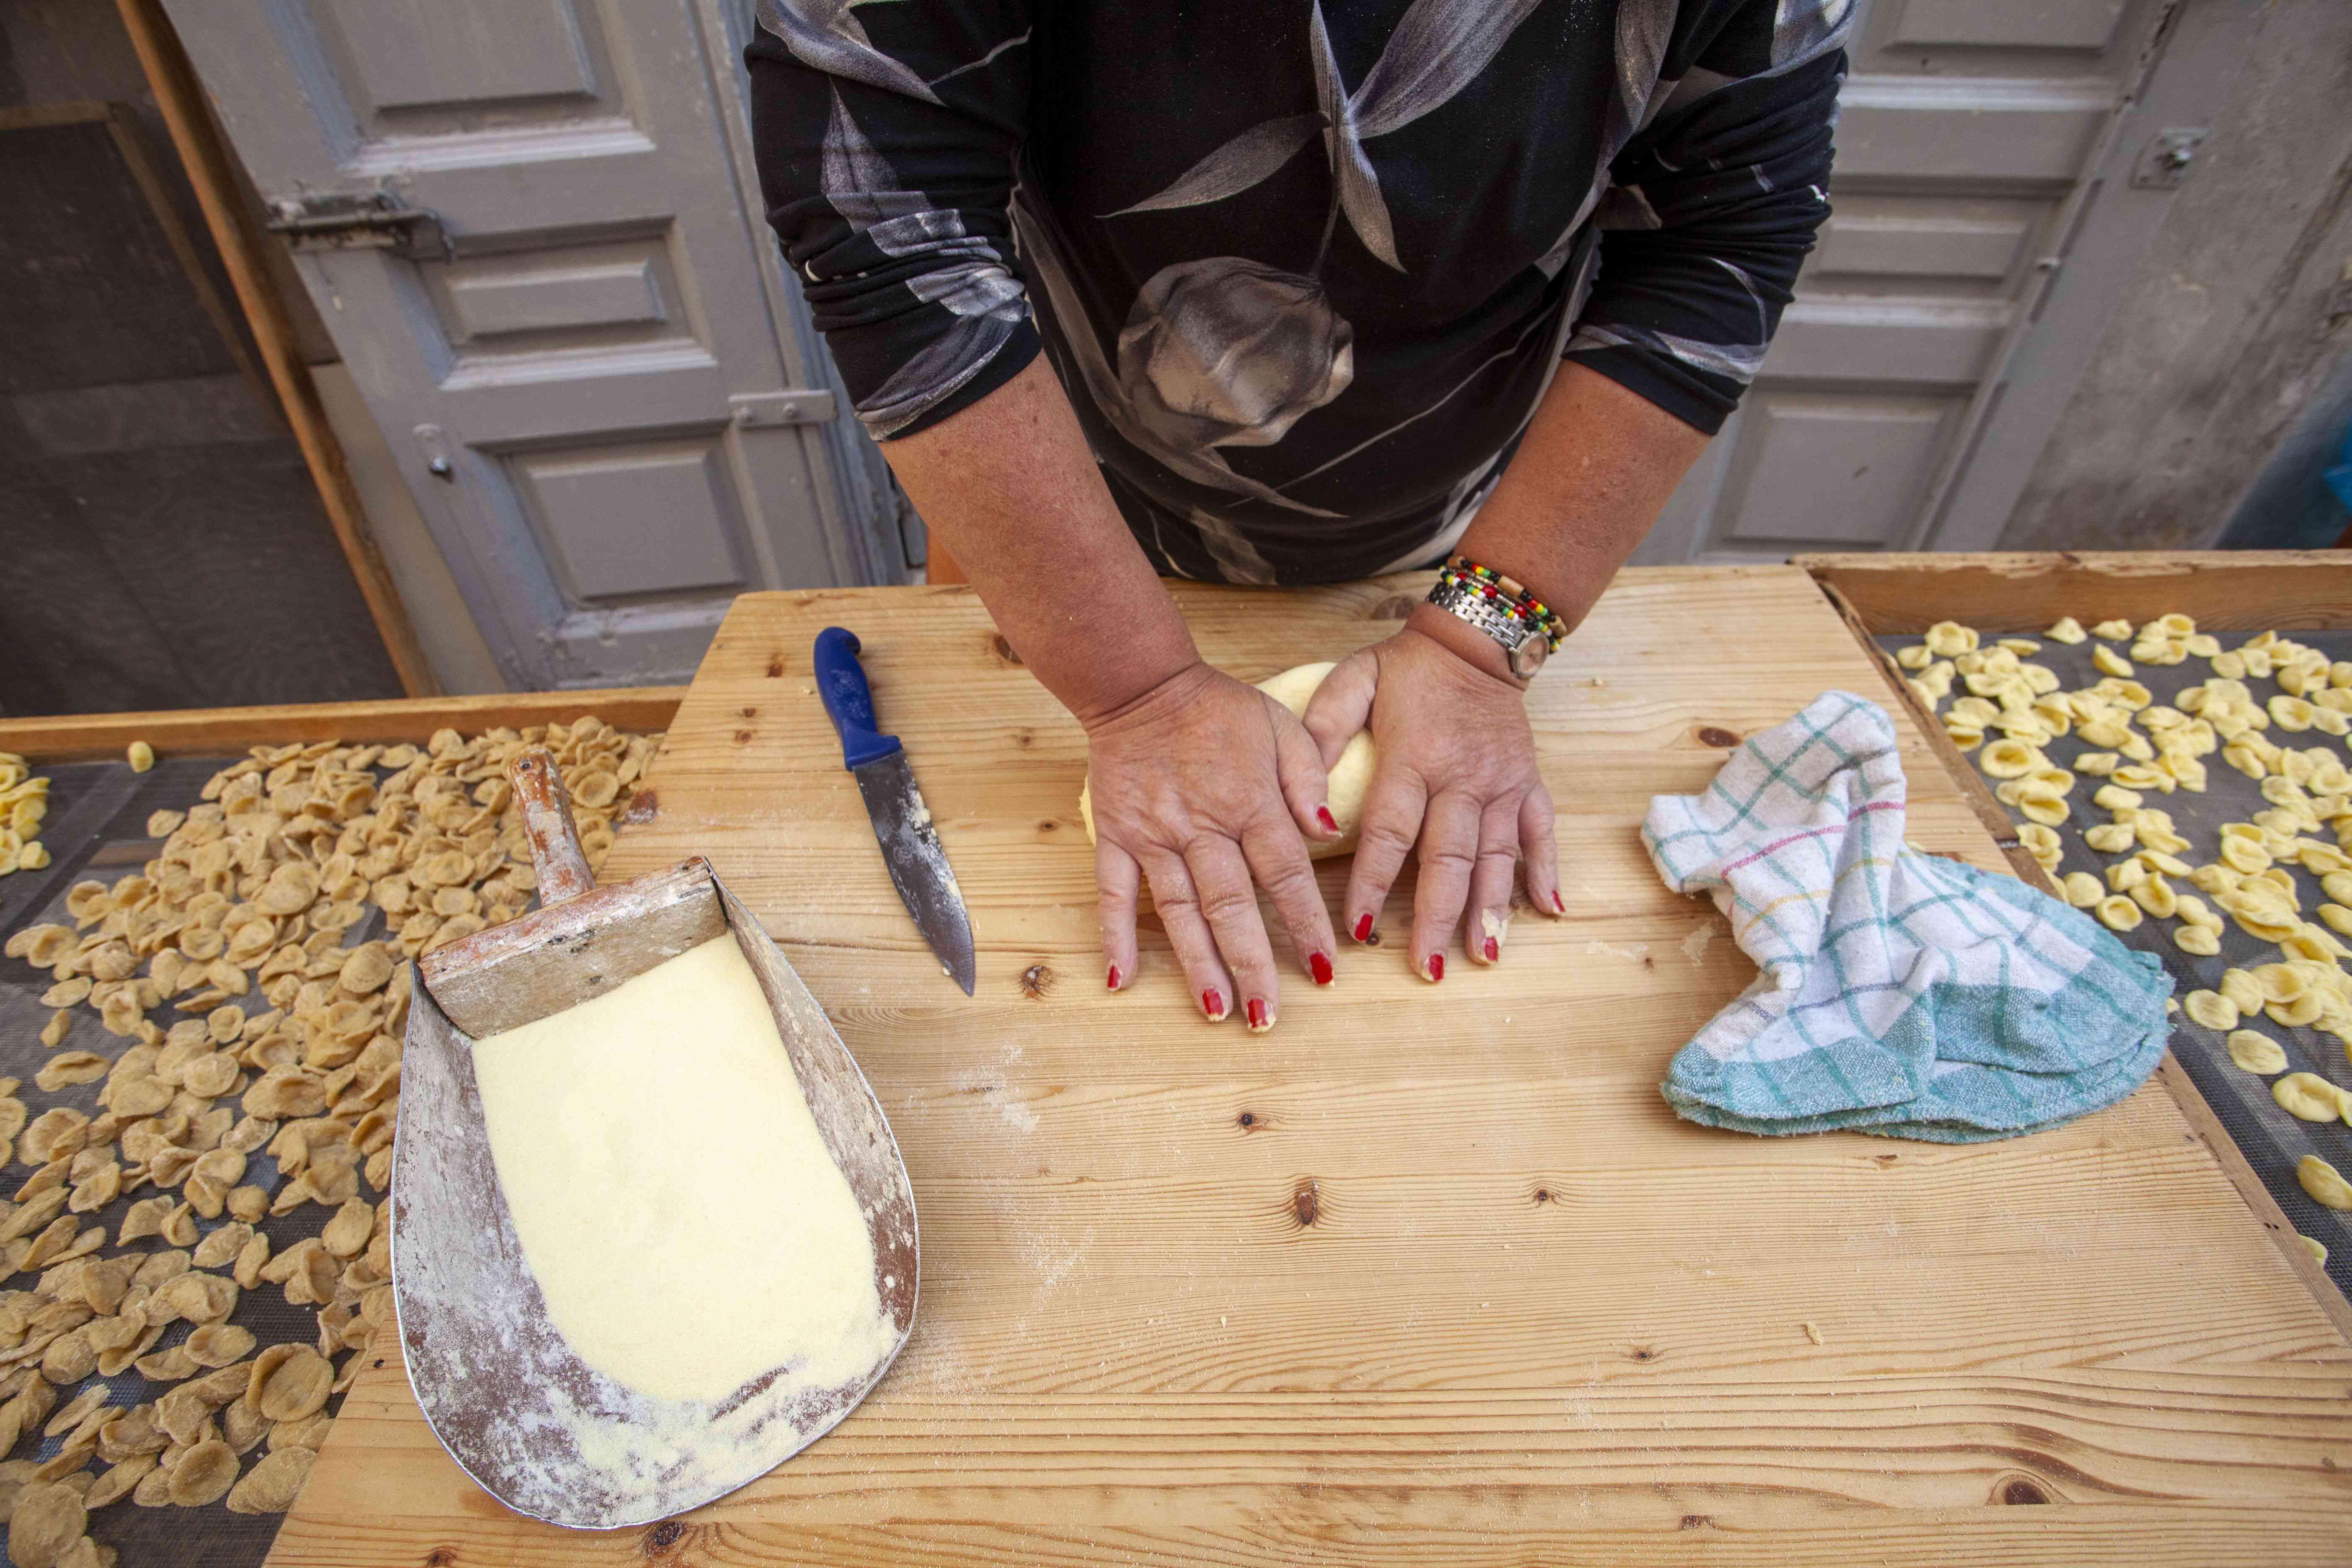 Italian woman in Bari making orecchiette